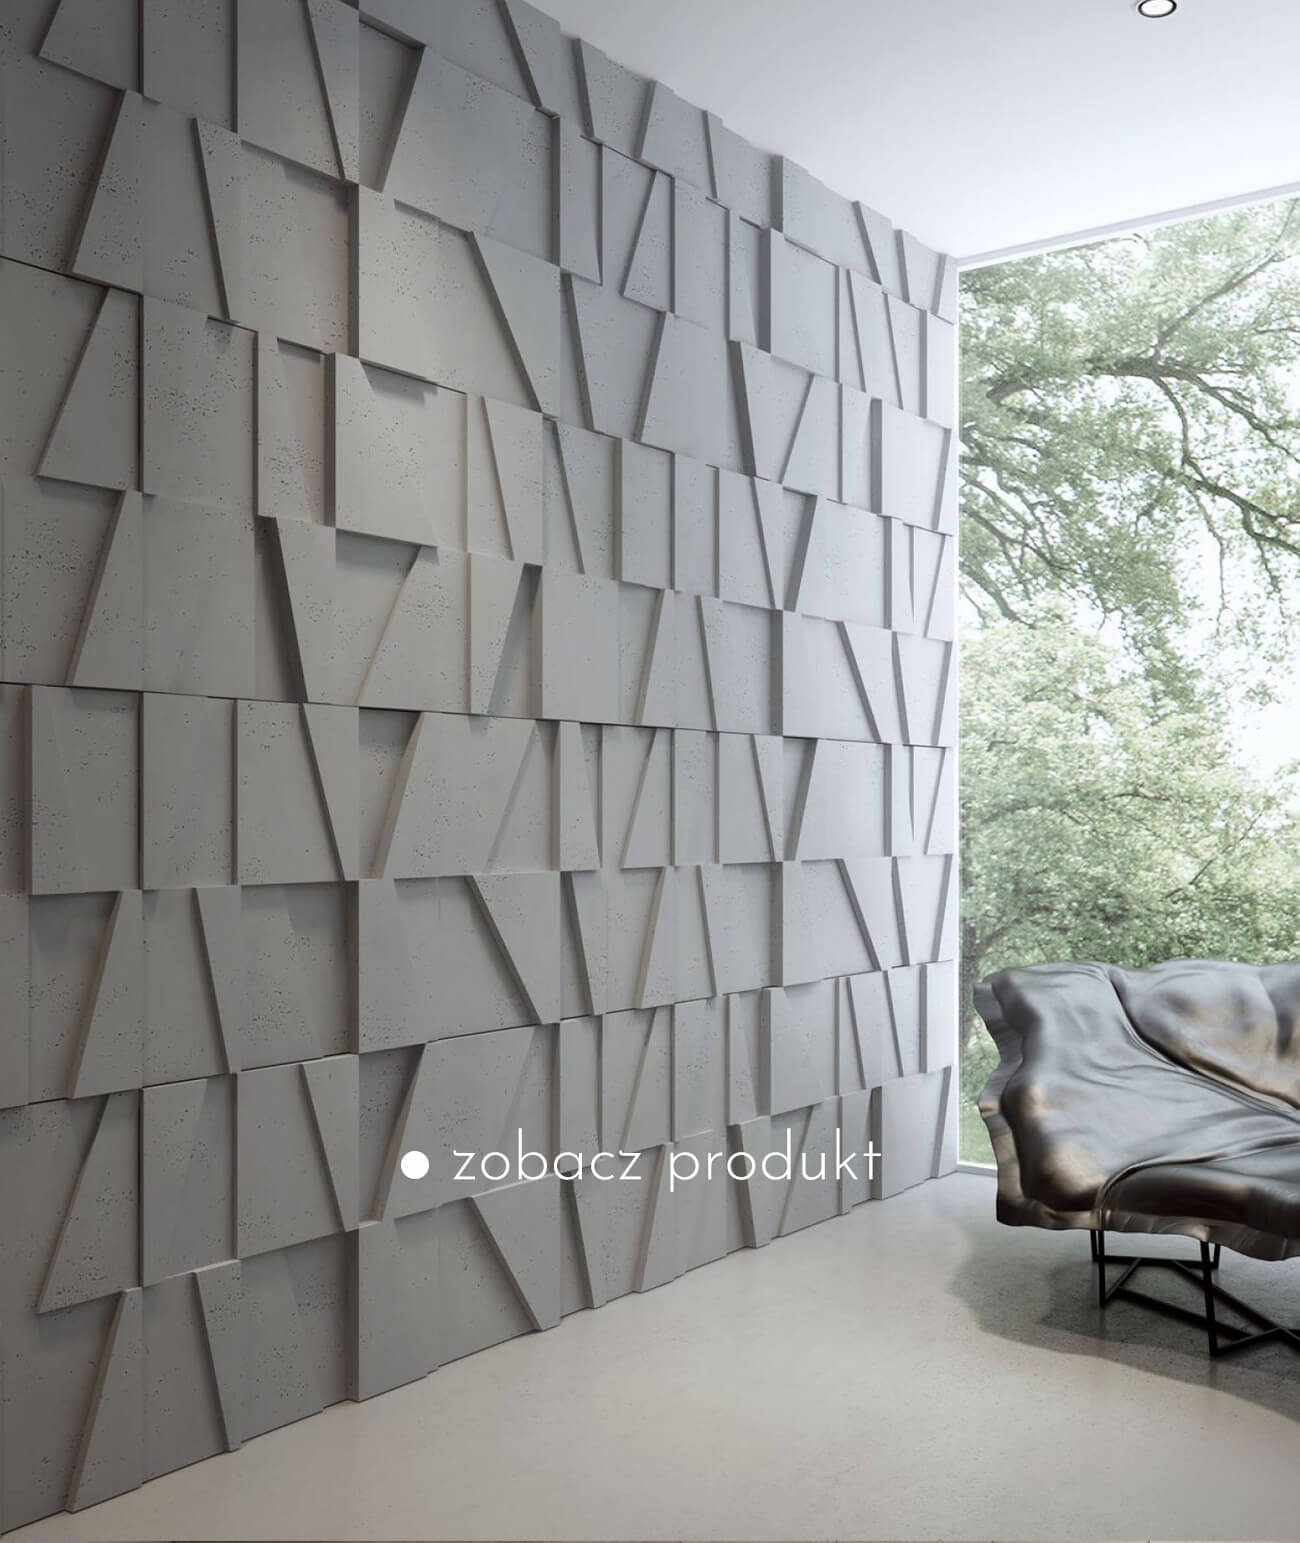 panele-betonowe-3d-scienne-i-elewacyjne-beton-architektoniczny_364-1973-pb09-s50-jasny-szary-mysi-mozaika---panel-dekor-3d-beton-architektoniczny-panel-scienny